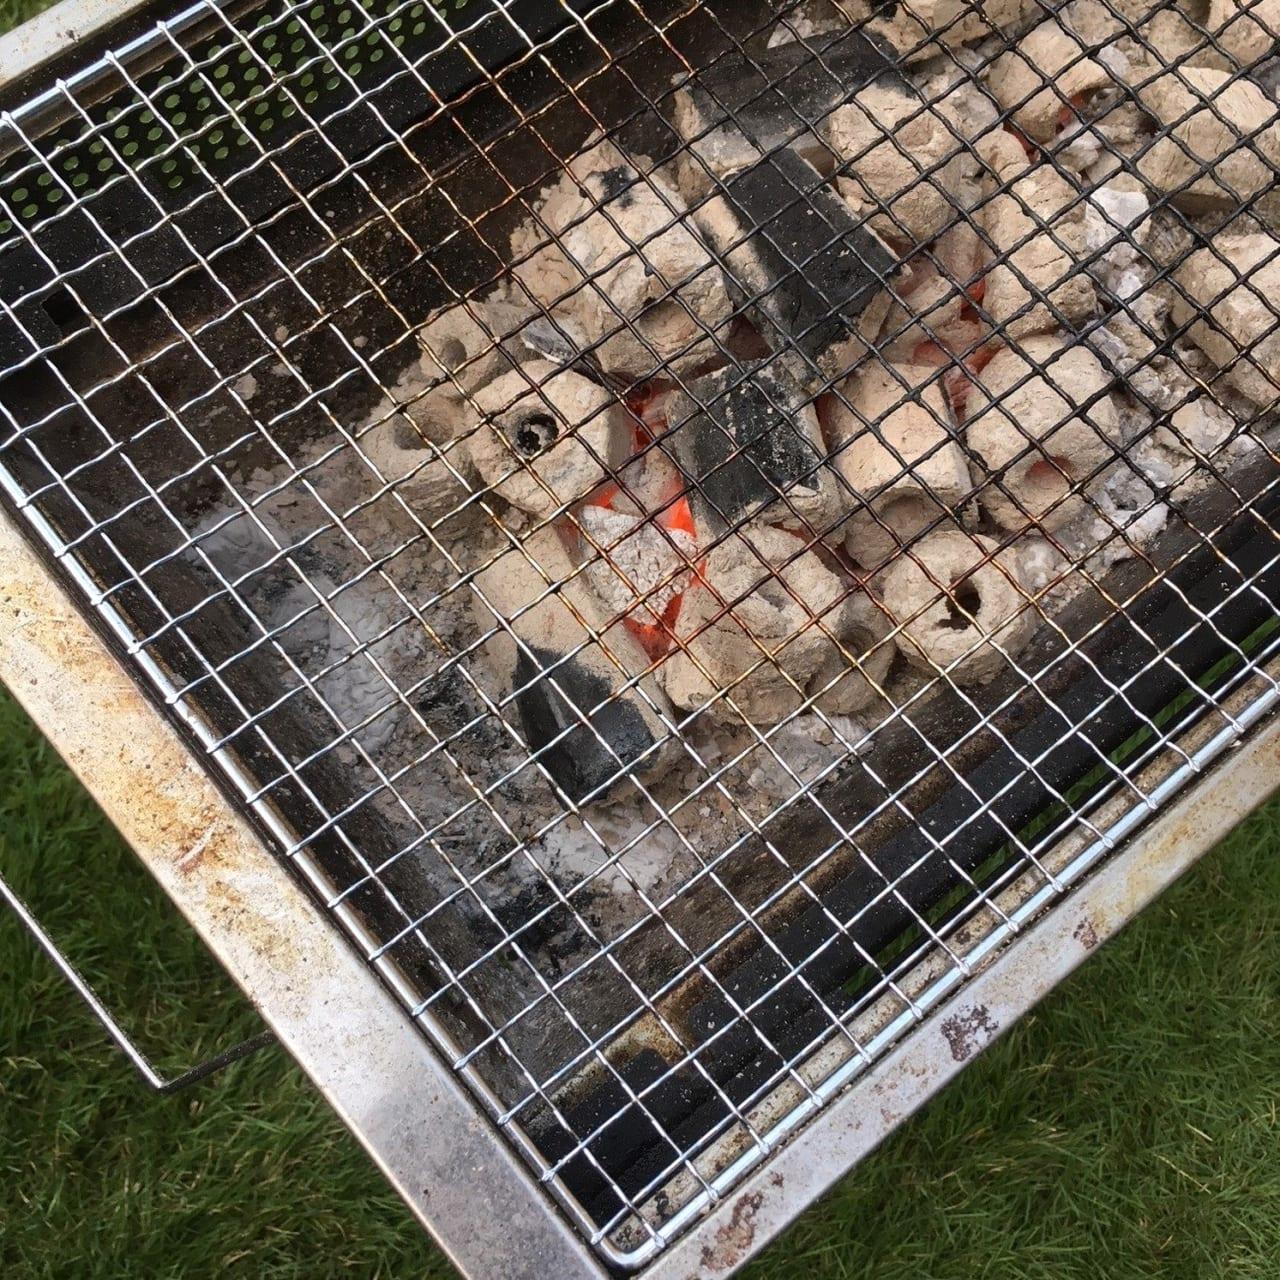 /オガ備長炭は長持ち過ぎて火が消えてくれない